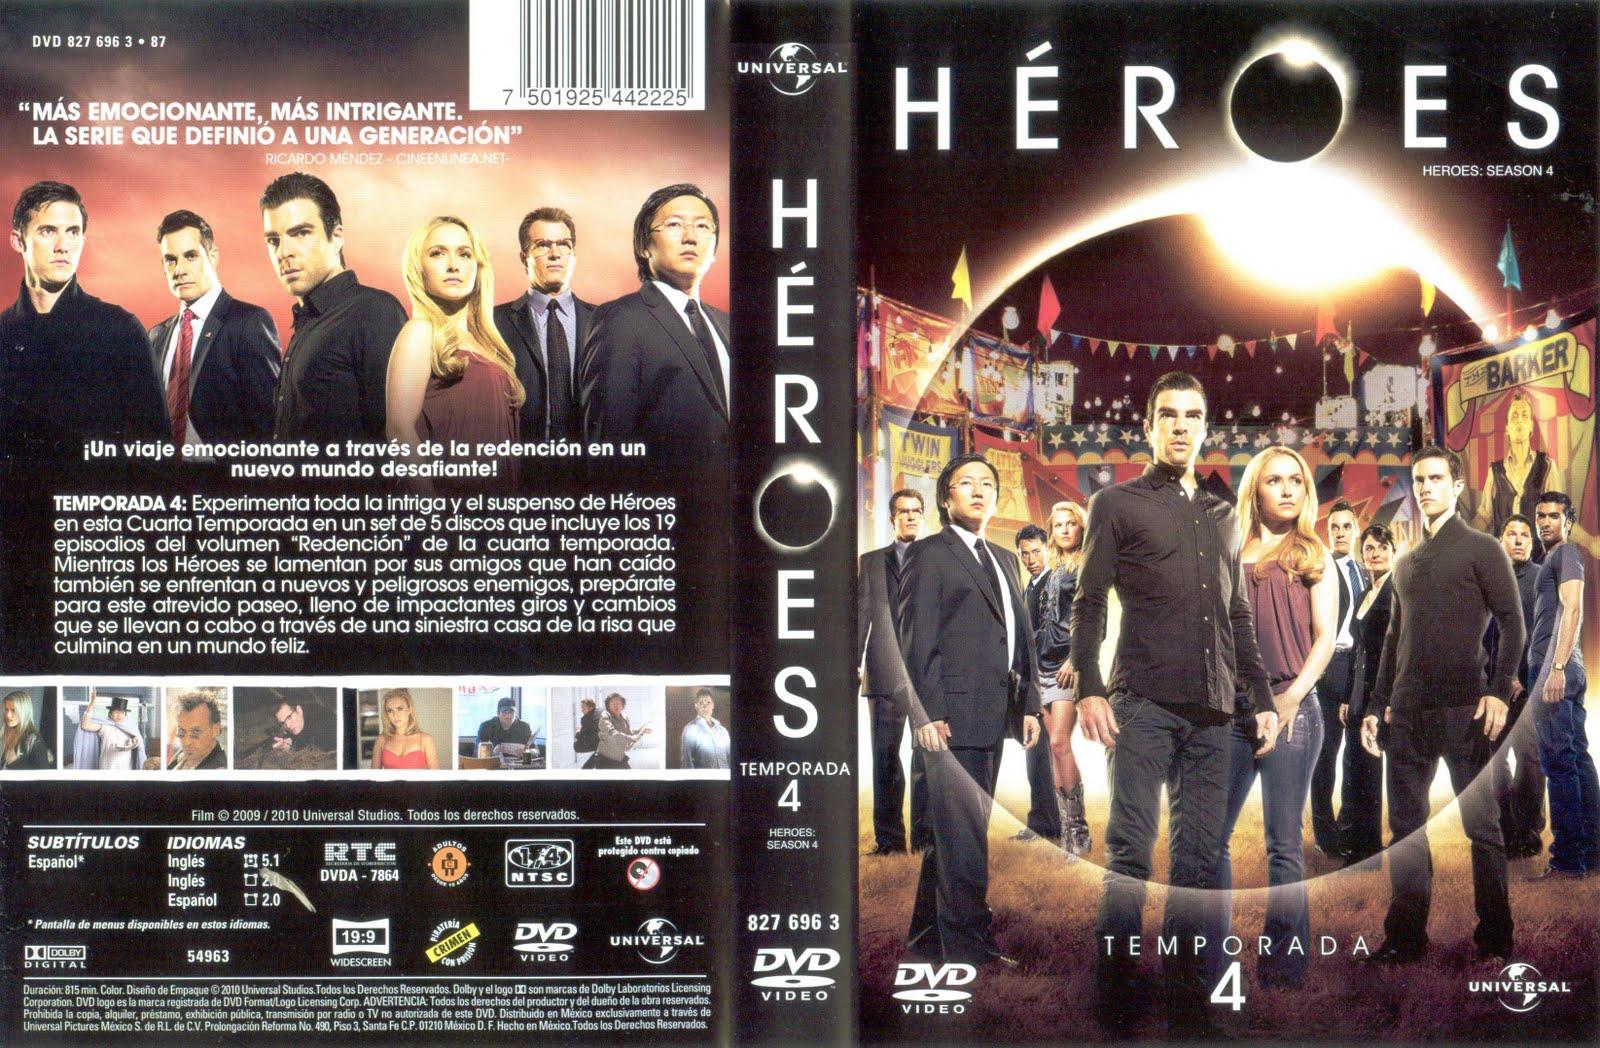 Heroes 4 temporada (5 discos) | Peliculas en dvd